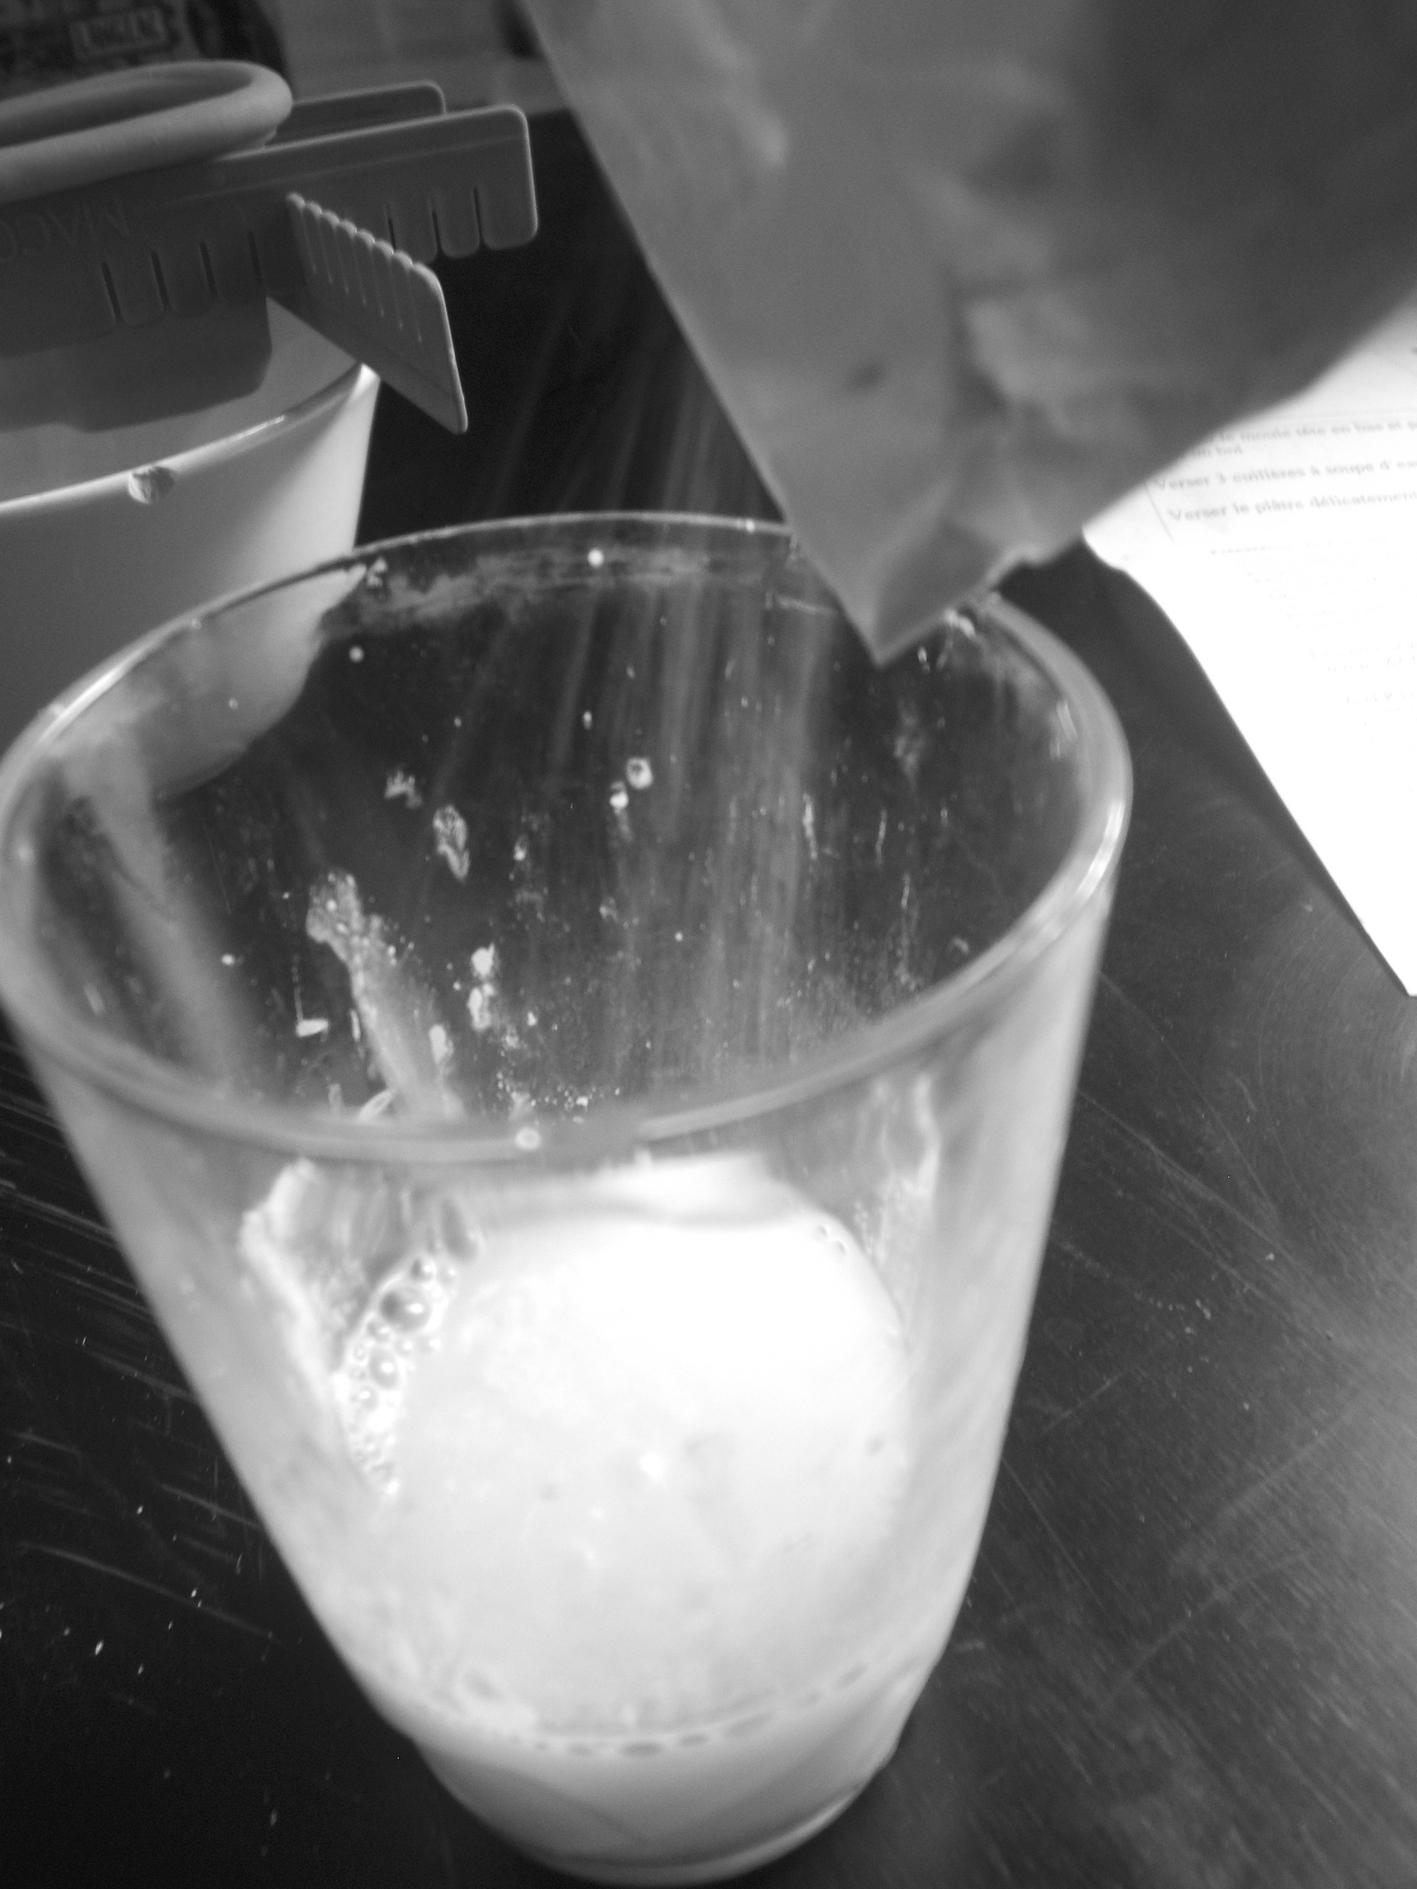 3 cuillère à soupe d'eau, et on verse un peu de plâtre.